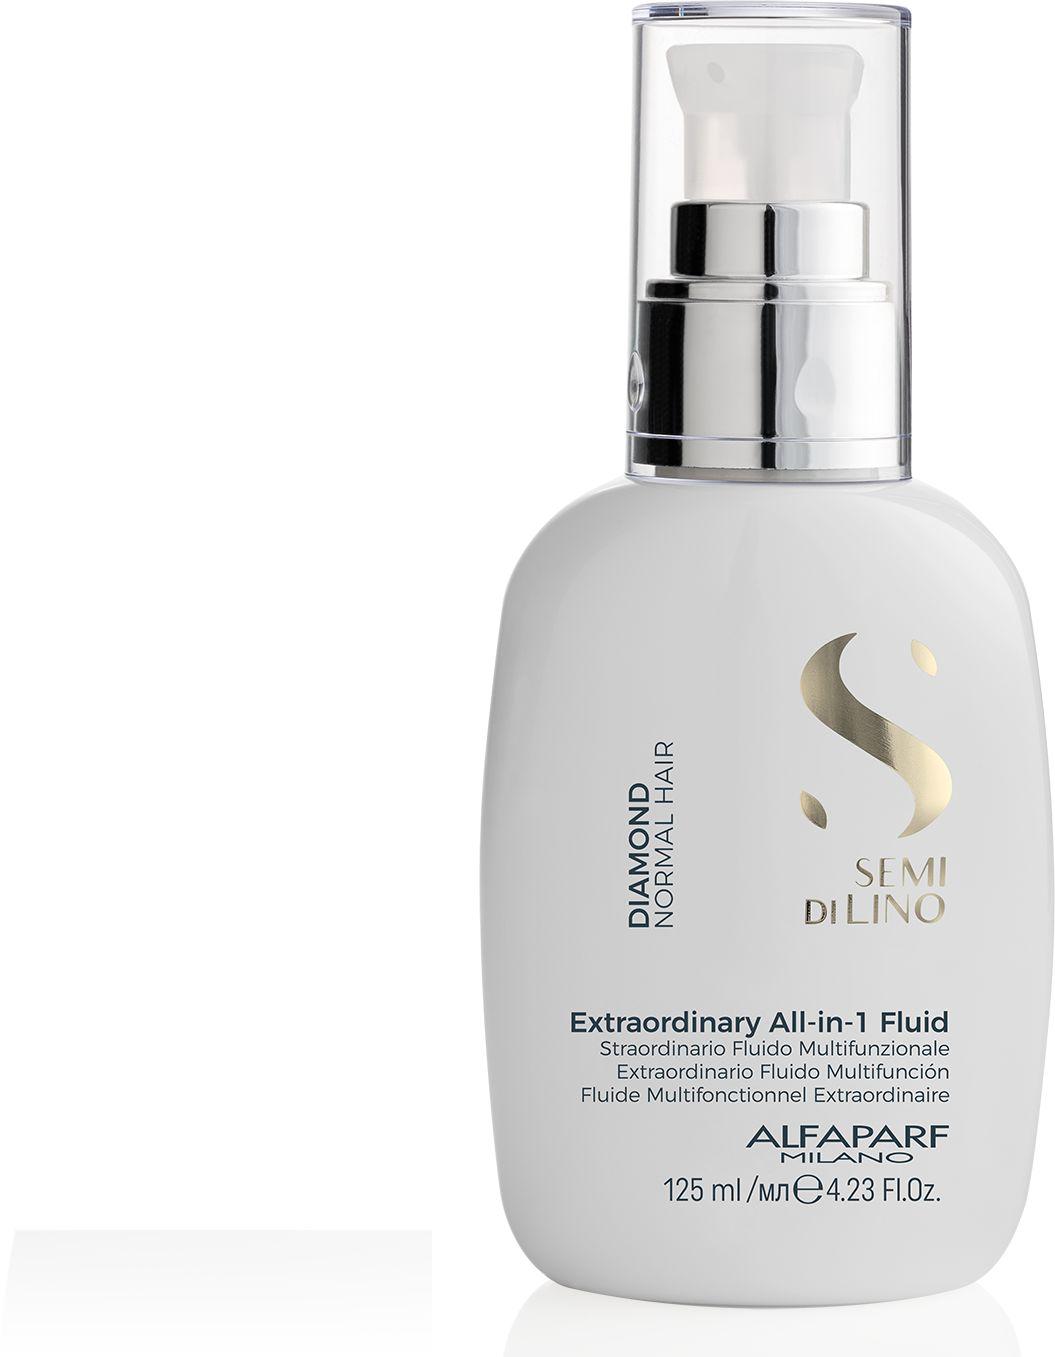 Alfaparf SDL Diamond Fluid rozświetlający do włosów 125 ml